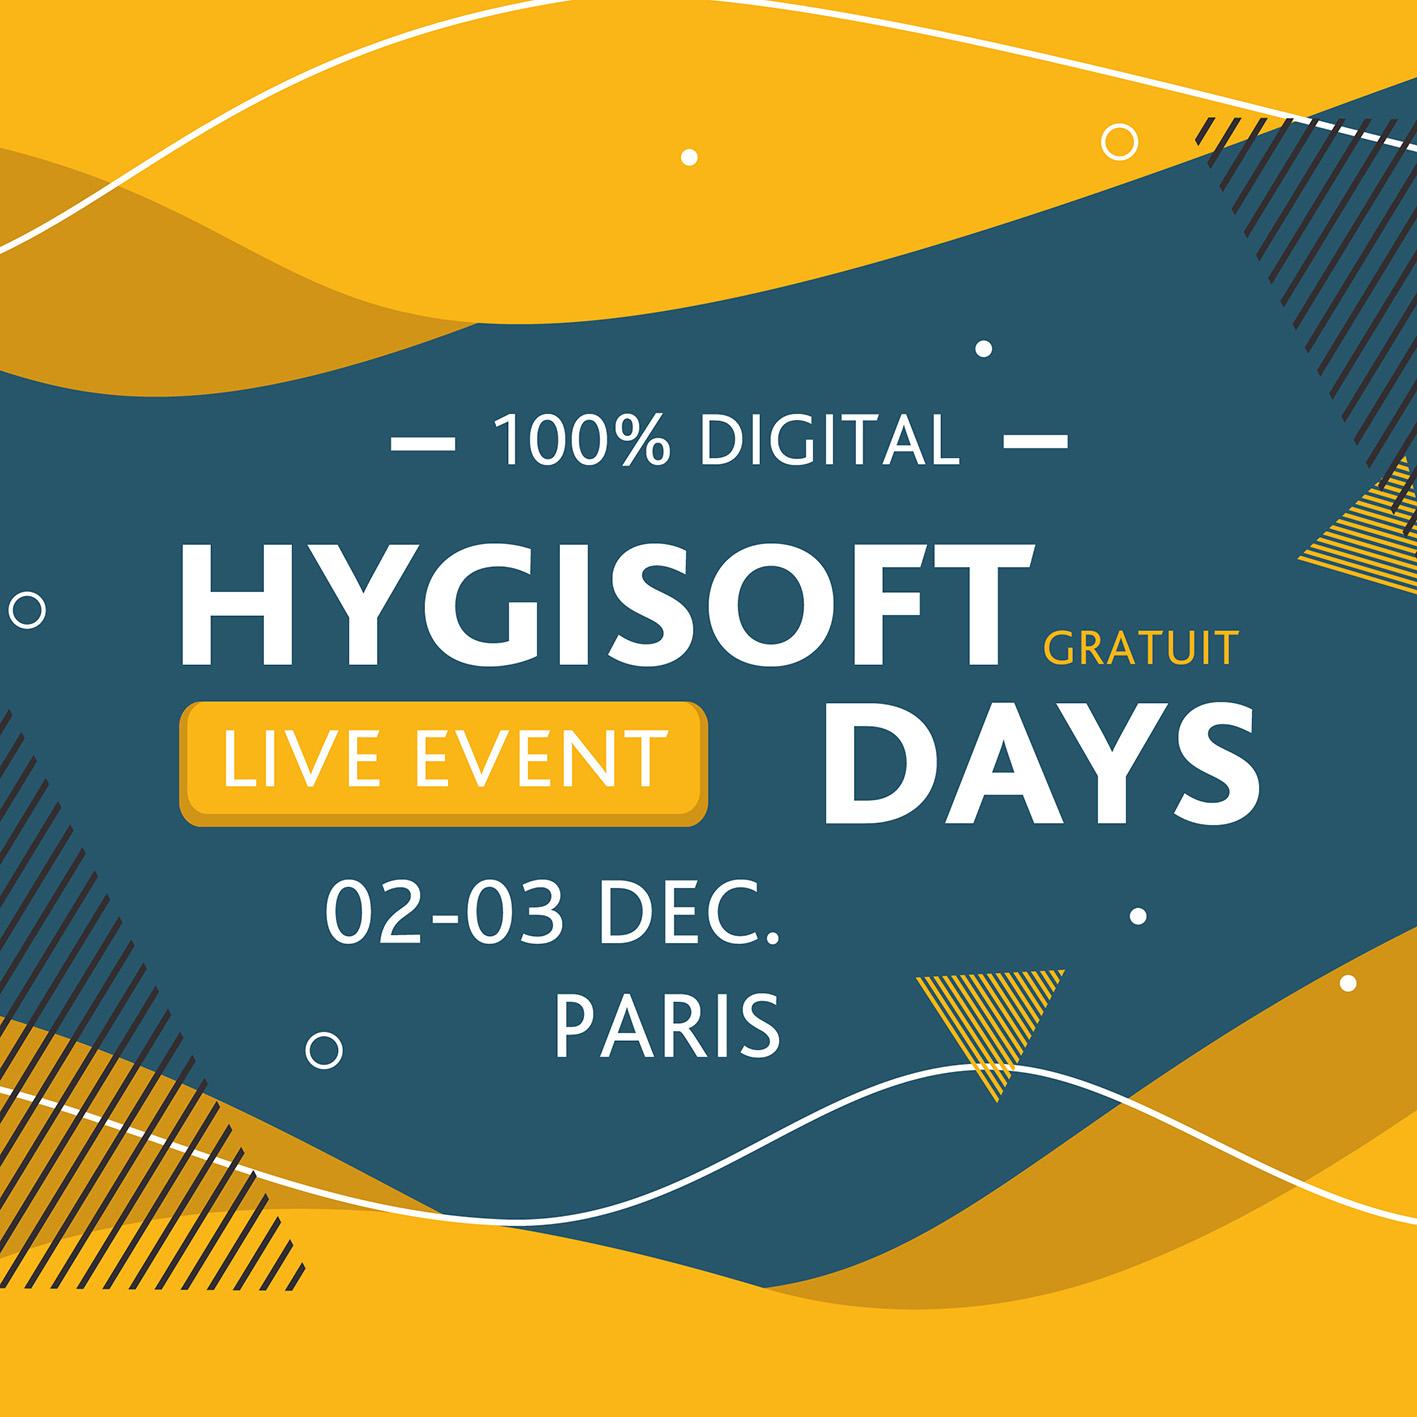 HYGISOFT DAYS